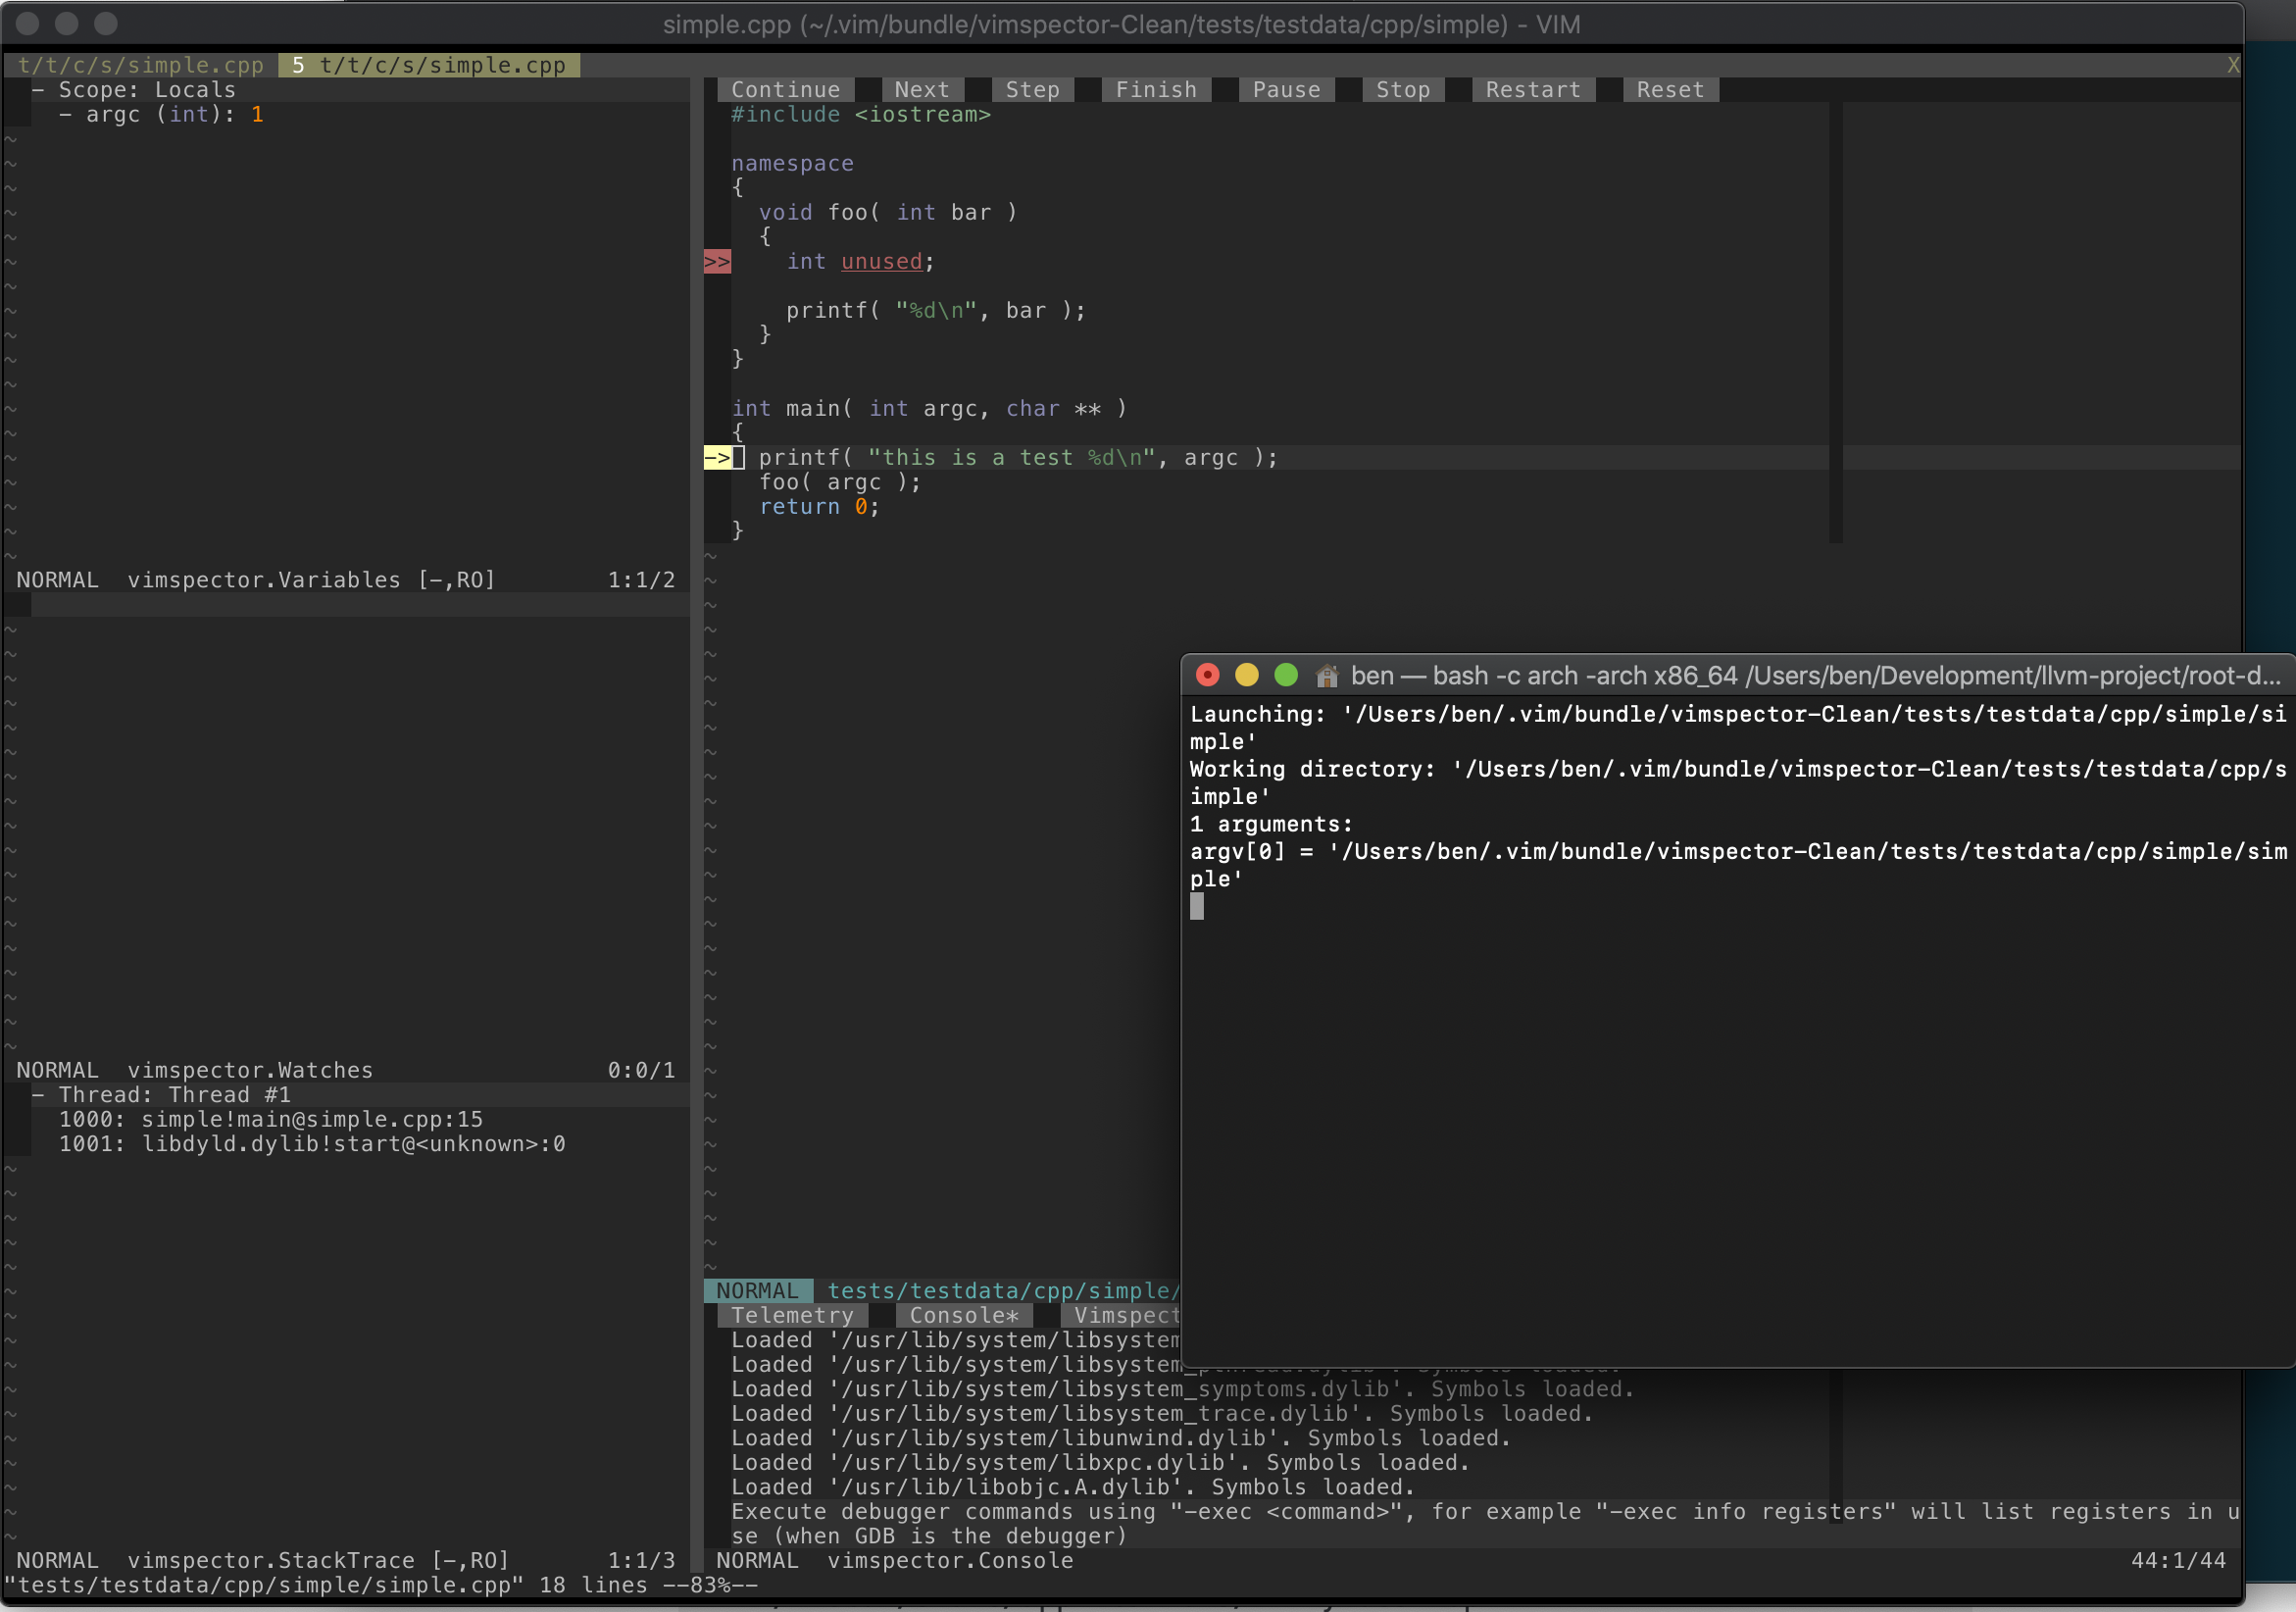 Screenshot 2020-01-23 at 20 16 03